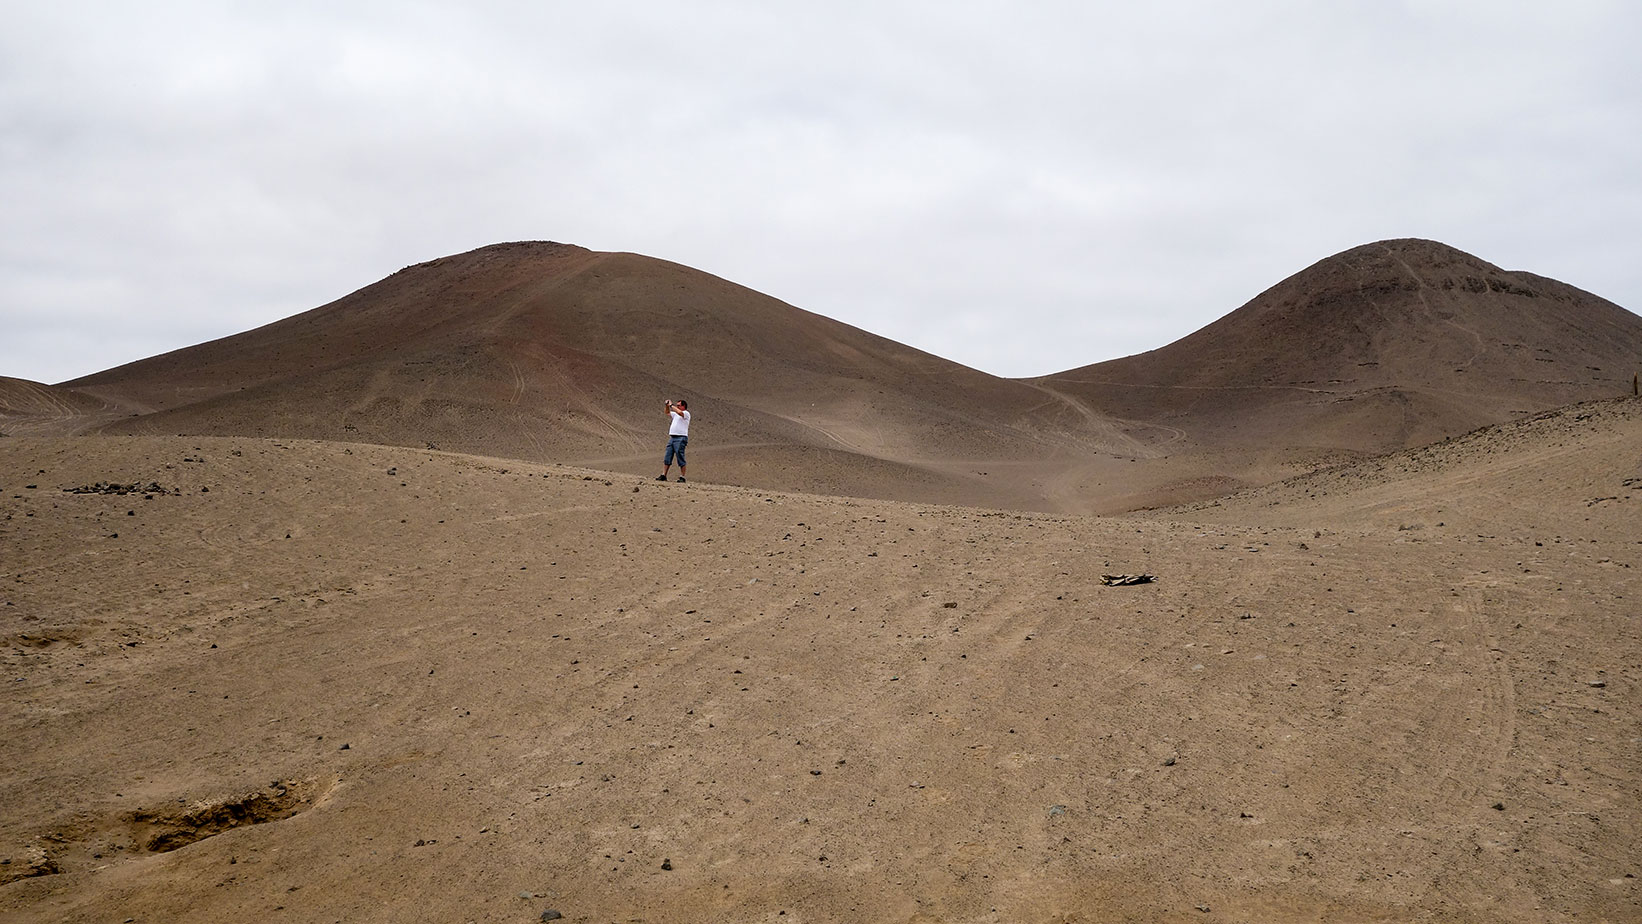 Filiep on Mars